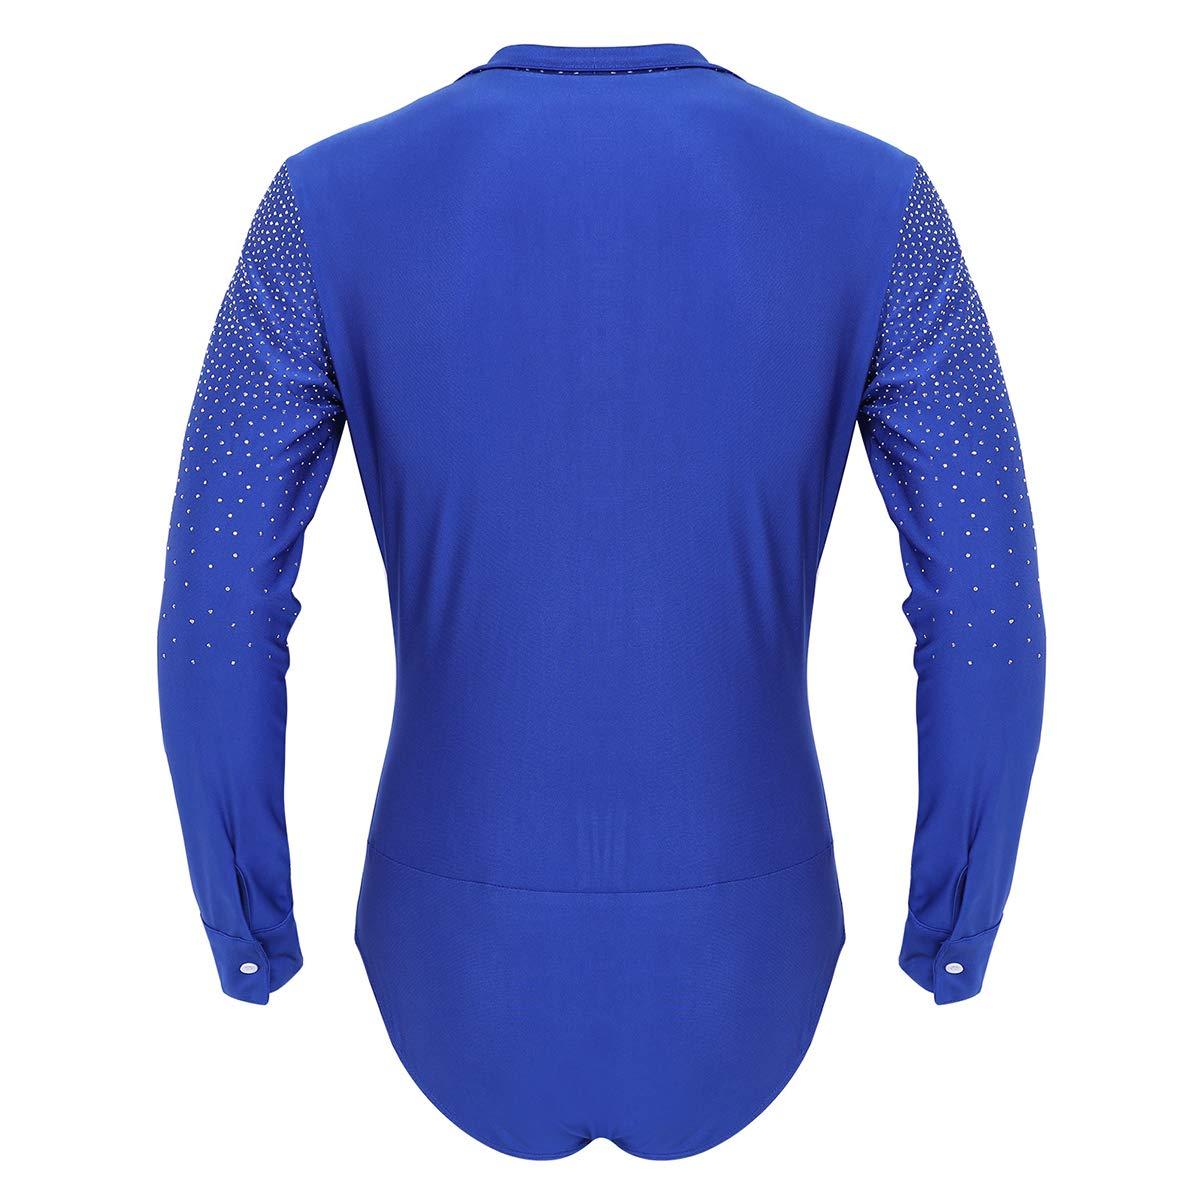 iixpin Homme Justaucorp de Danse Latine Haut de Danse Manches Longues Crop Top Paillettes de Gymnastique Patinage Artistique Sportwear Dancewear pour Adult M-XXL